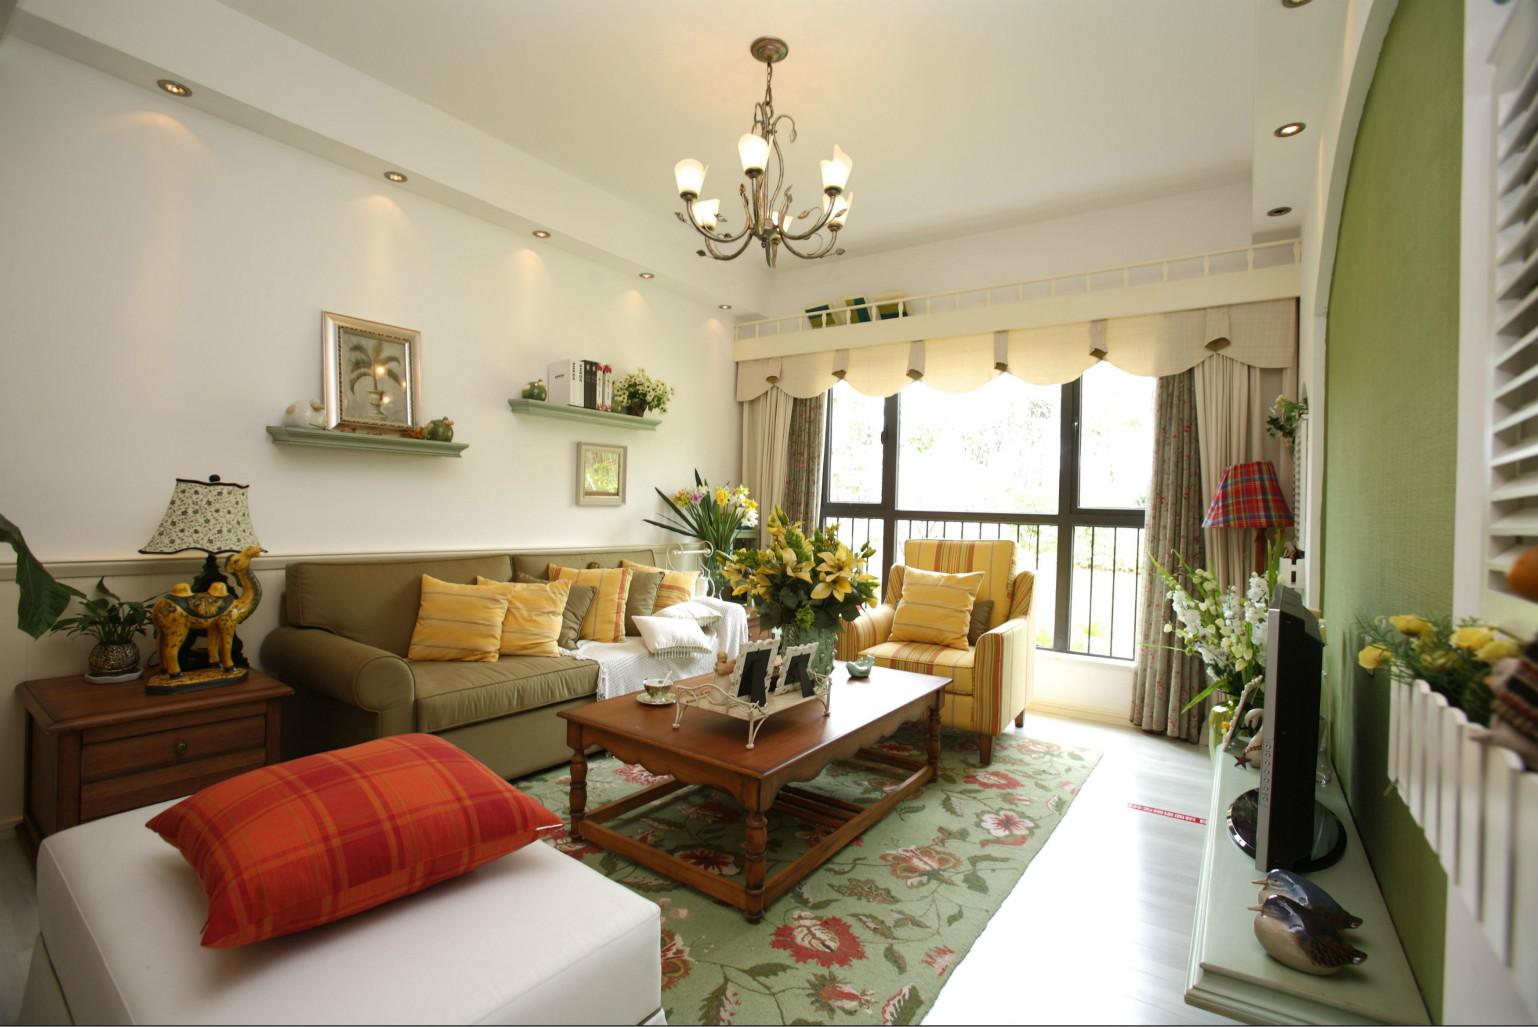 客厅的地中海风格设计满足了他们对旅行的期待,就好像每天开着房车到国外旅行